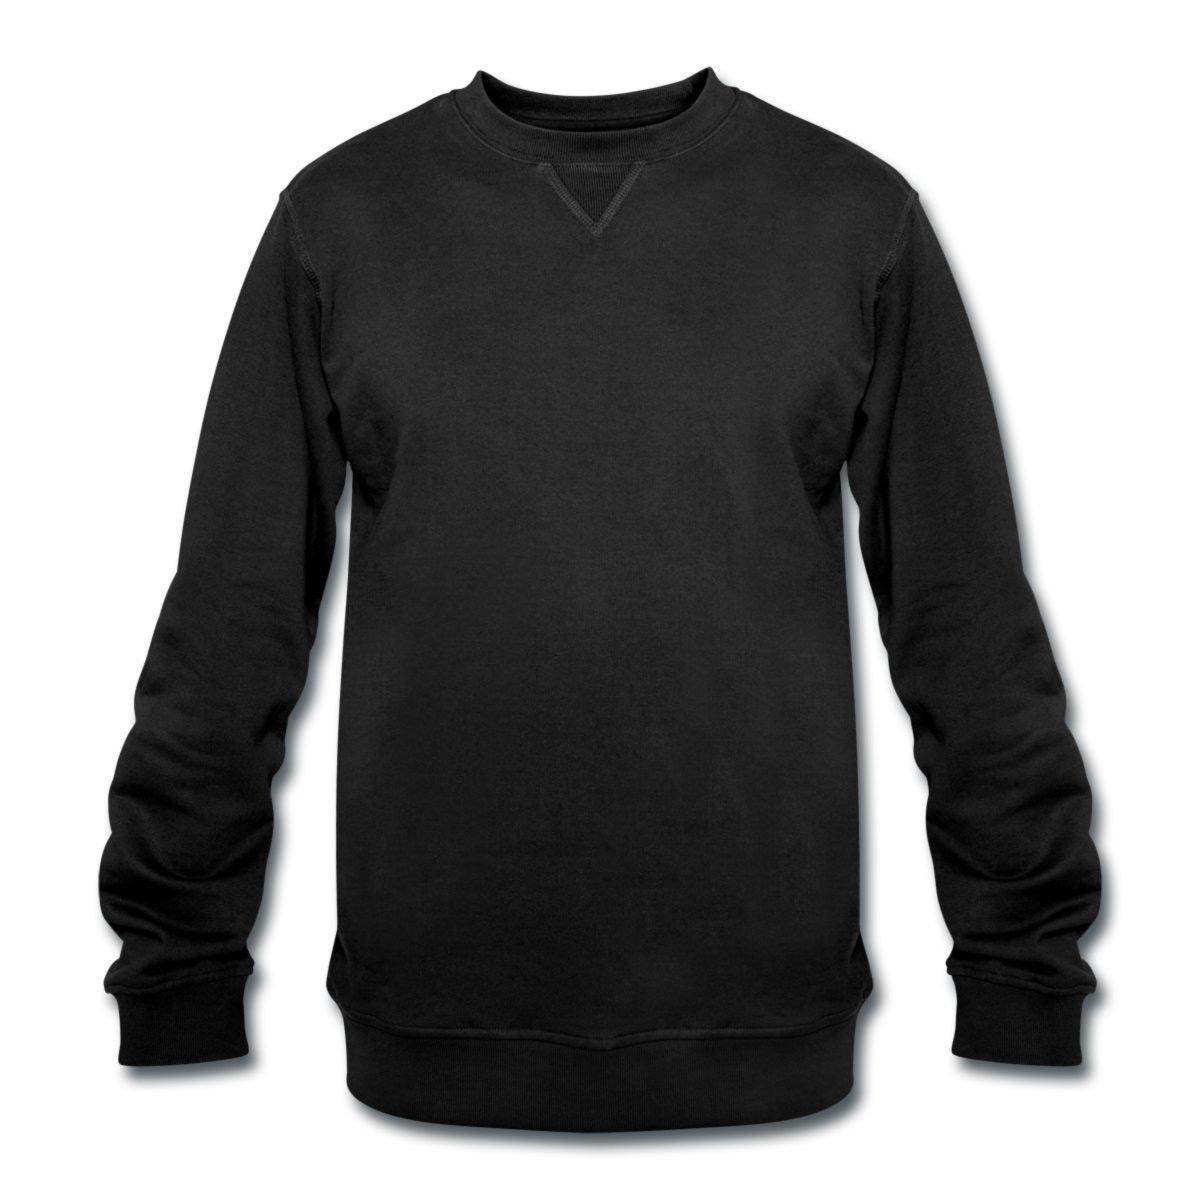 m nner sweatshirt bedrucken dickies sweatshirt gestalten. Black Bedroom Furniture Sets. Home Design Ideas